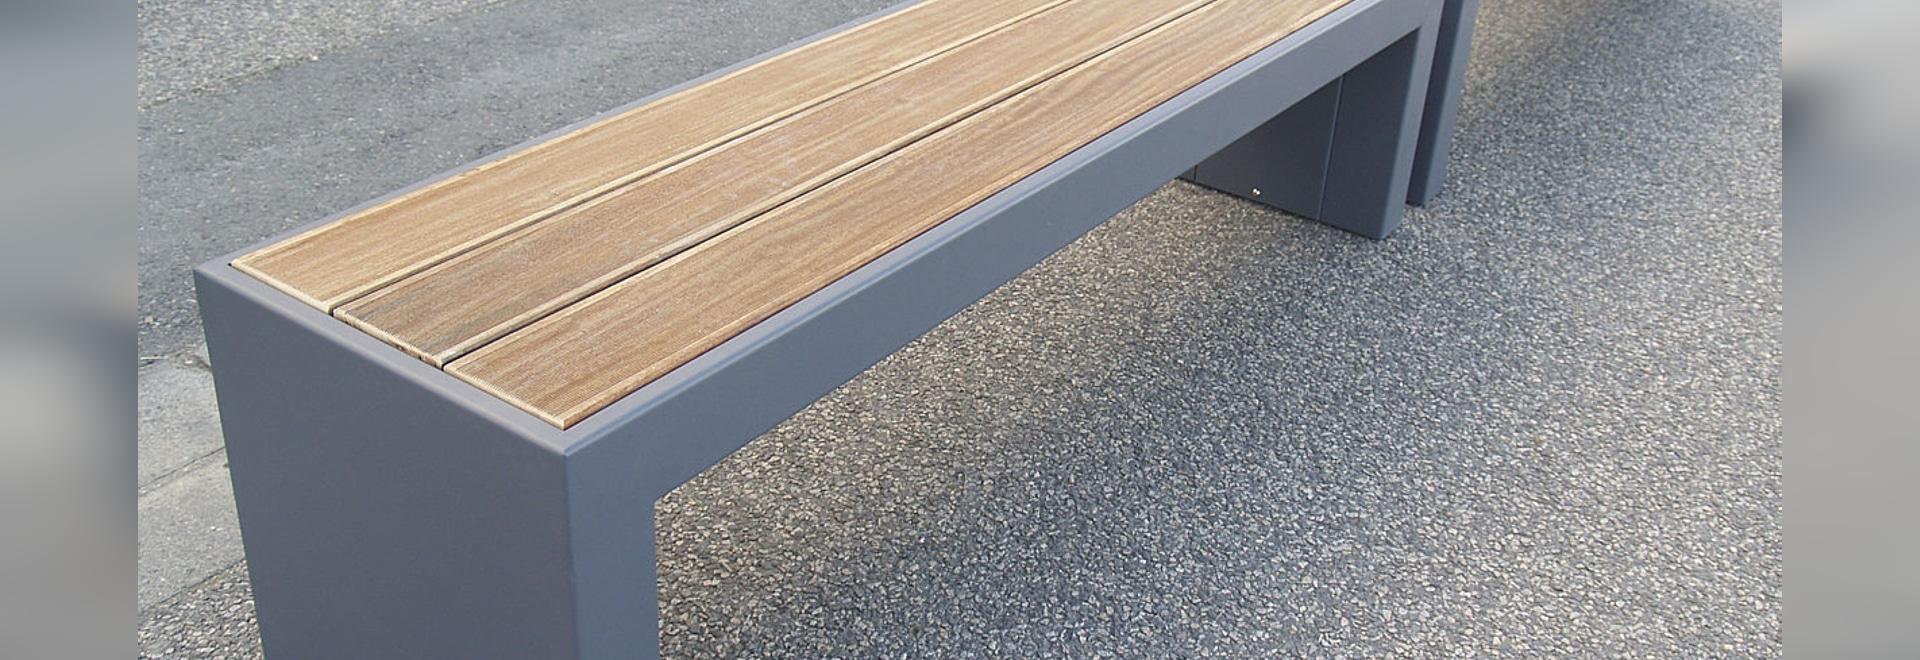 STEELAB - Banco de encargo en la hoja de acero y la madera